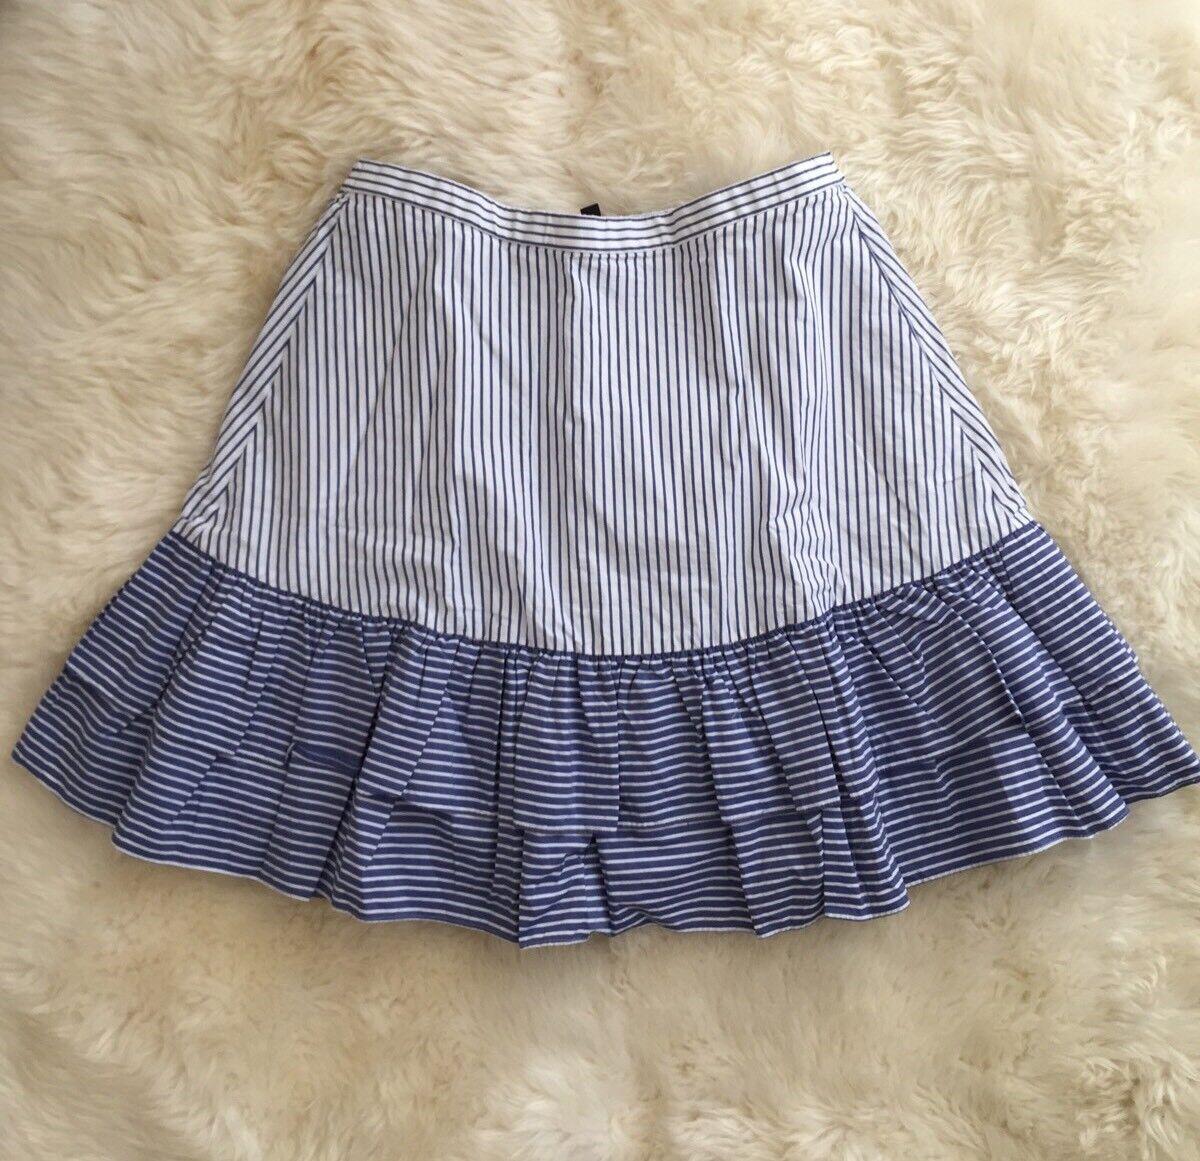 New JCREW Tall striped ruffle skirt White bluee G6565 Sz 12T 12 Tall